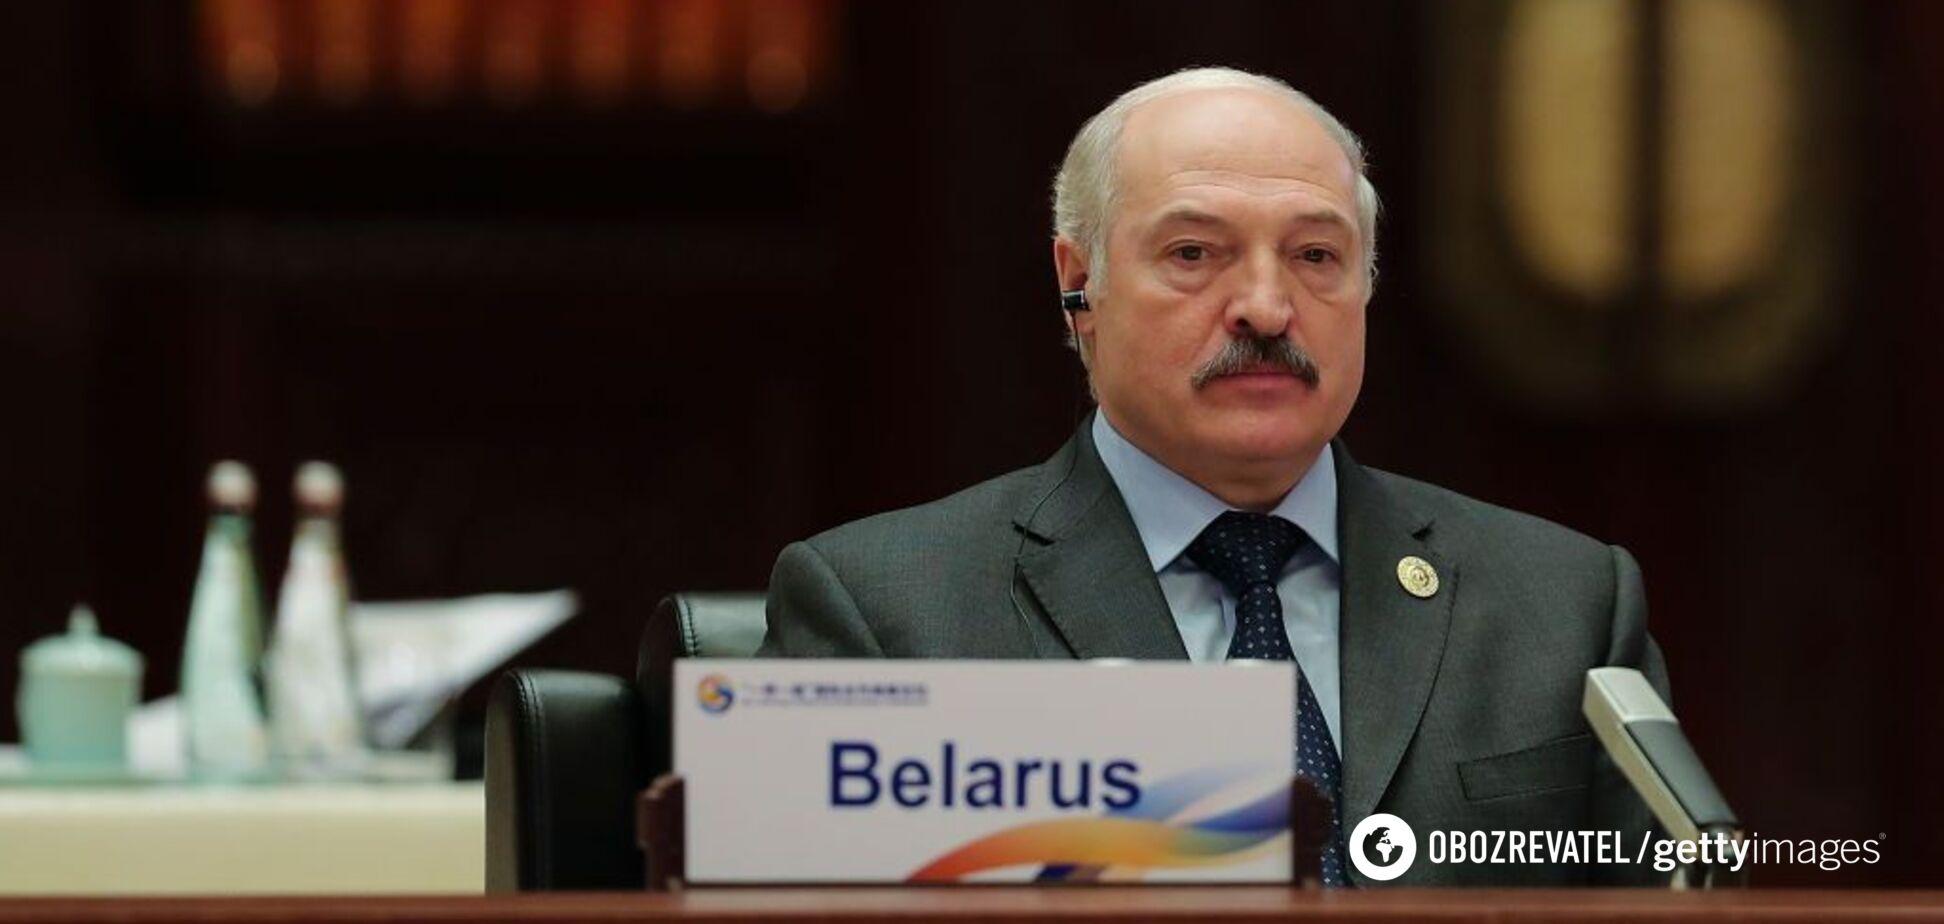 Лукашенко вирішив 'пустити весь ліс на пелети', щоб позбутися залежності від Росії